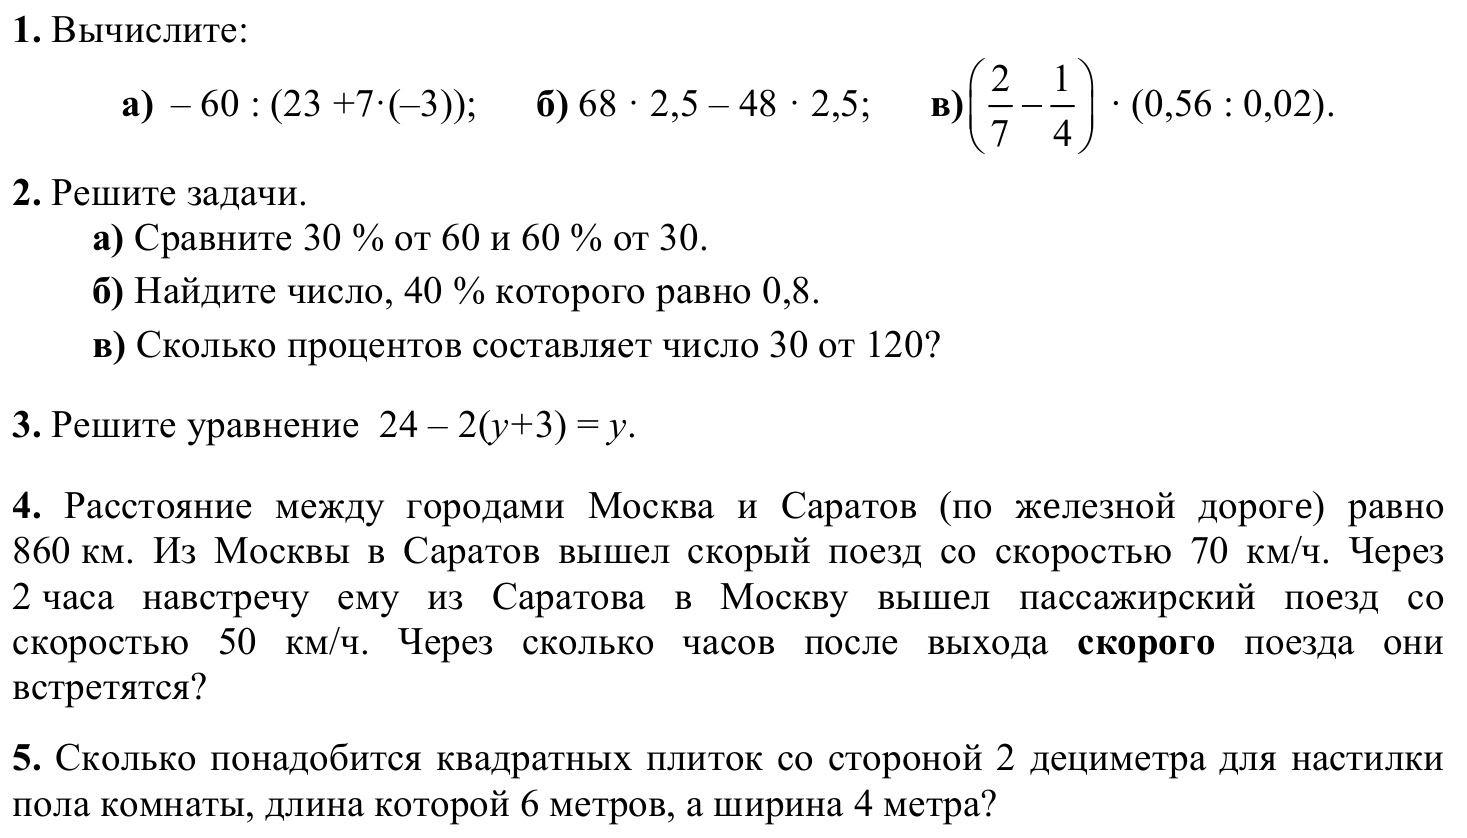 Y математика задачи с ответами и решениями балансовая прибыль задачи с решением